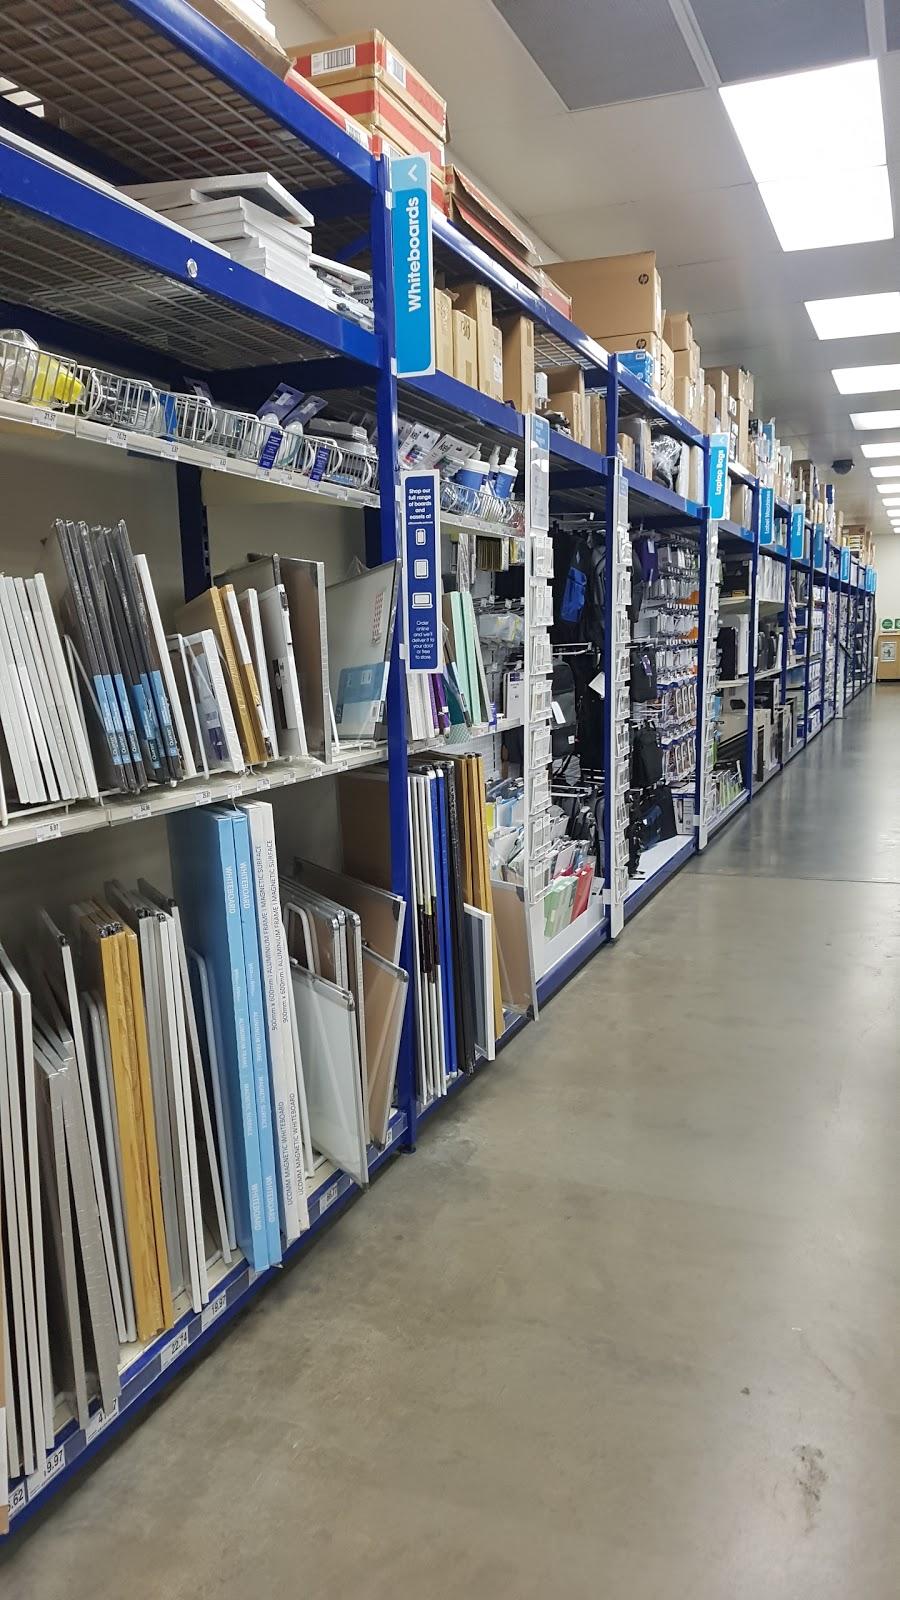 Officeworks Cranbourne   electronics store   Cranbourne Homemaker Center, 11/398 S Gippsland Hwy, Cranbourne VIC 3977, Australia   0359913200 OR +61 3 5991 3200